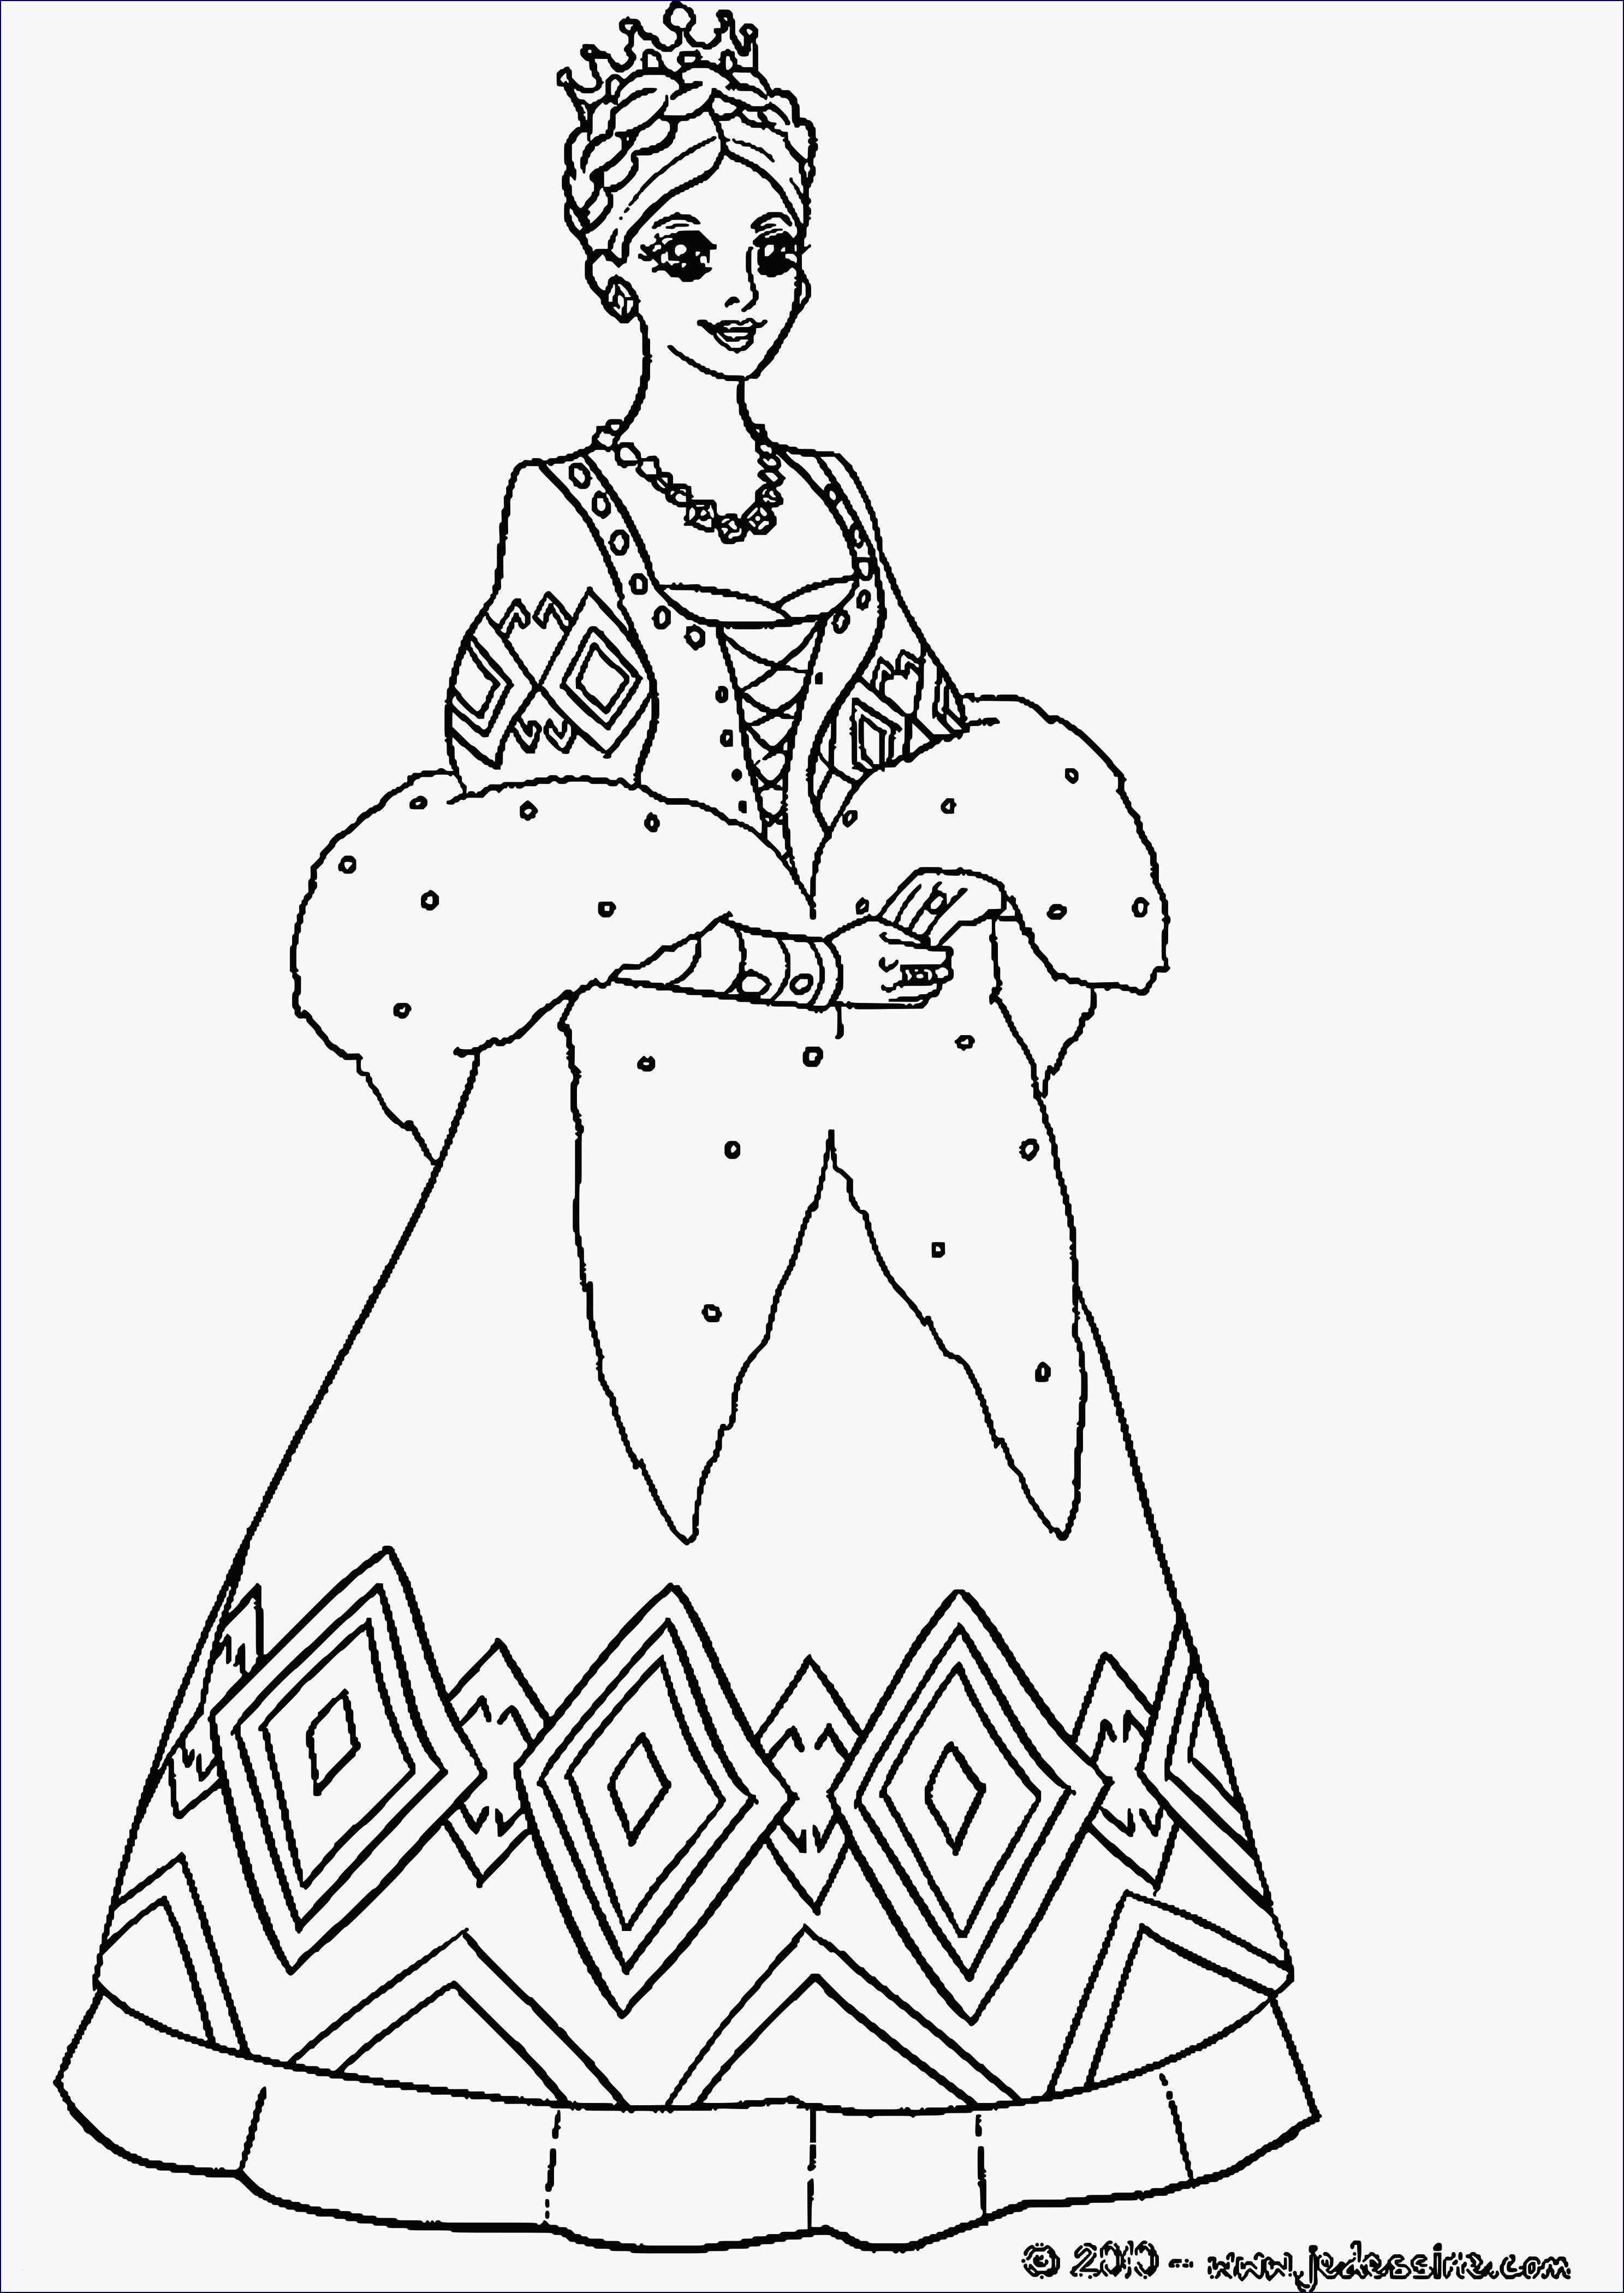 Sofia Die Erste Ausmalbild Genial 40 Ausmalbilder Prinzessin Elsa Scoredatscore Luxus sofia Die Erste Das Bild